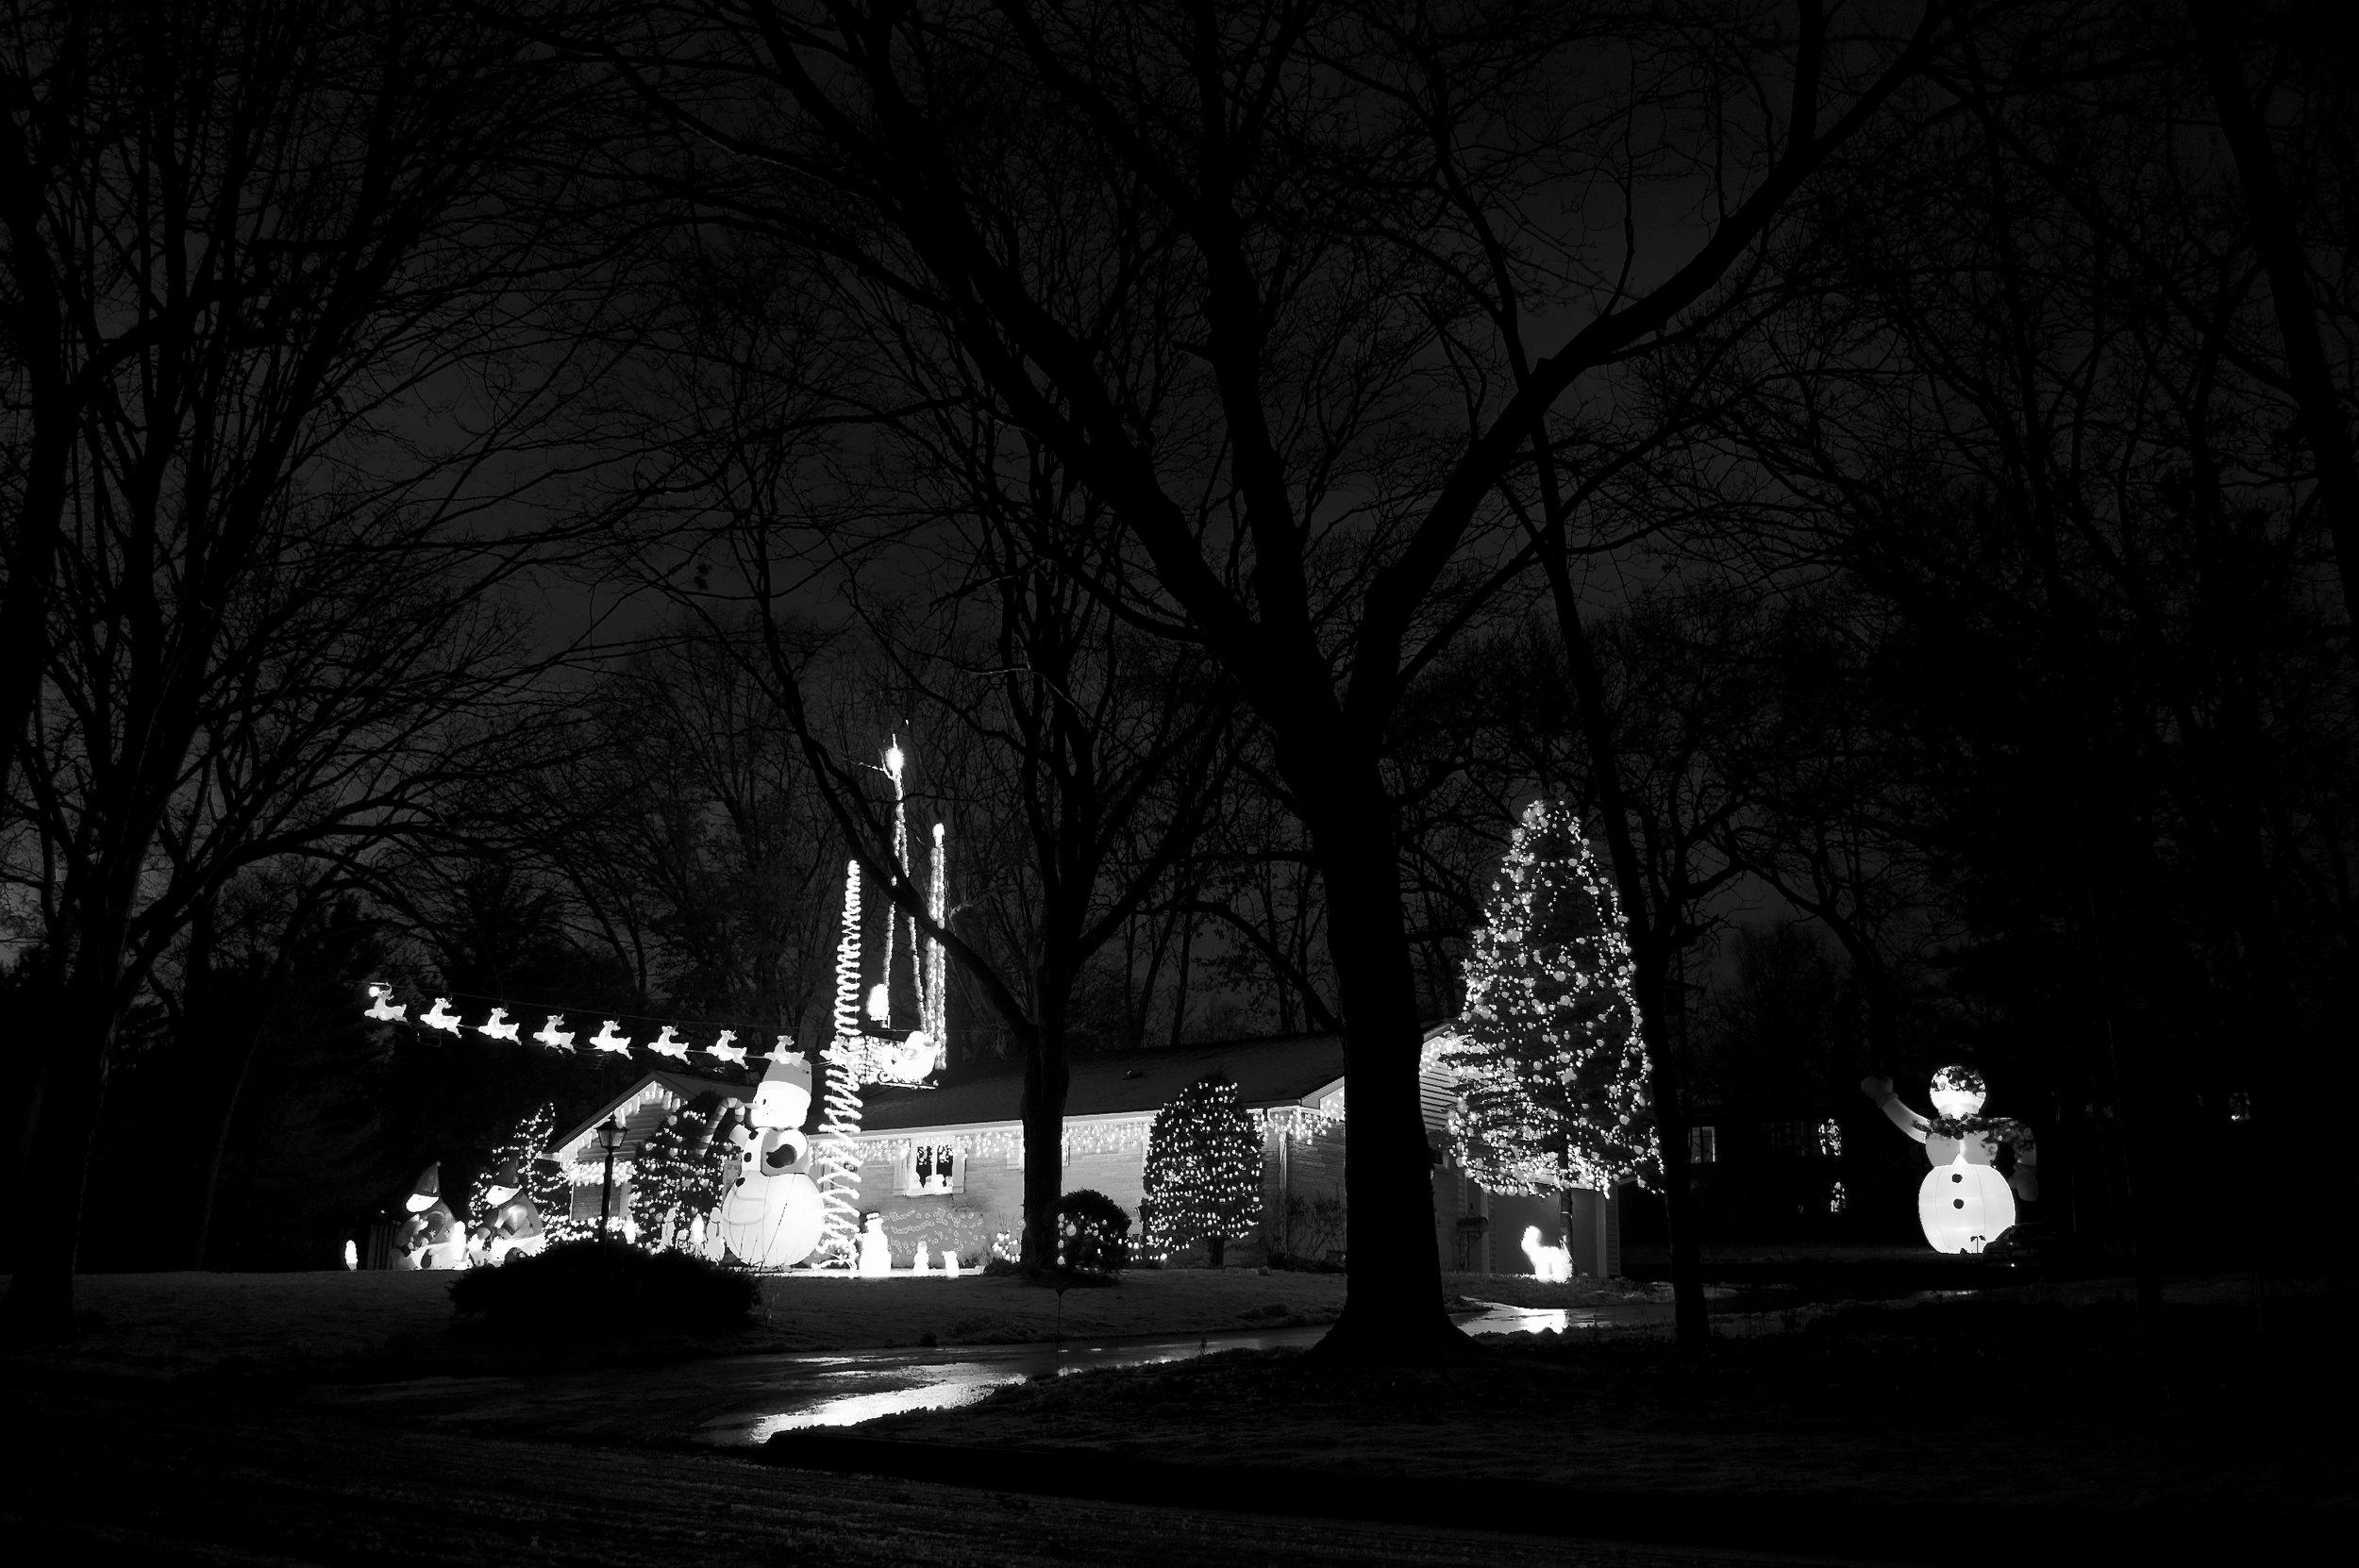 Glow Men. Madison, Wisconsin. December 2011. © William D. Walker